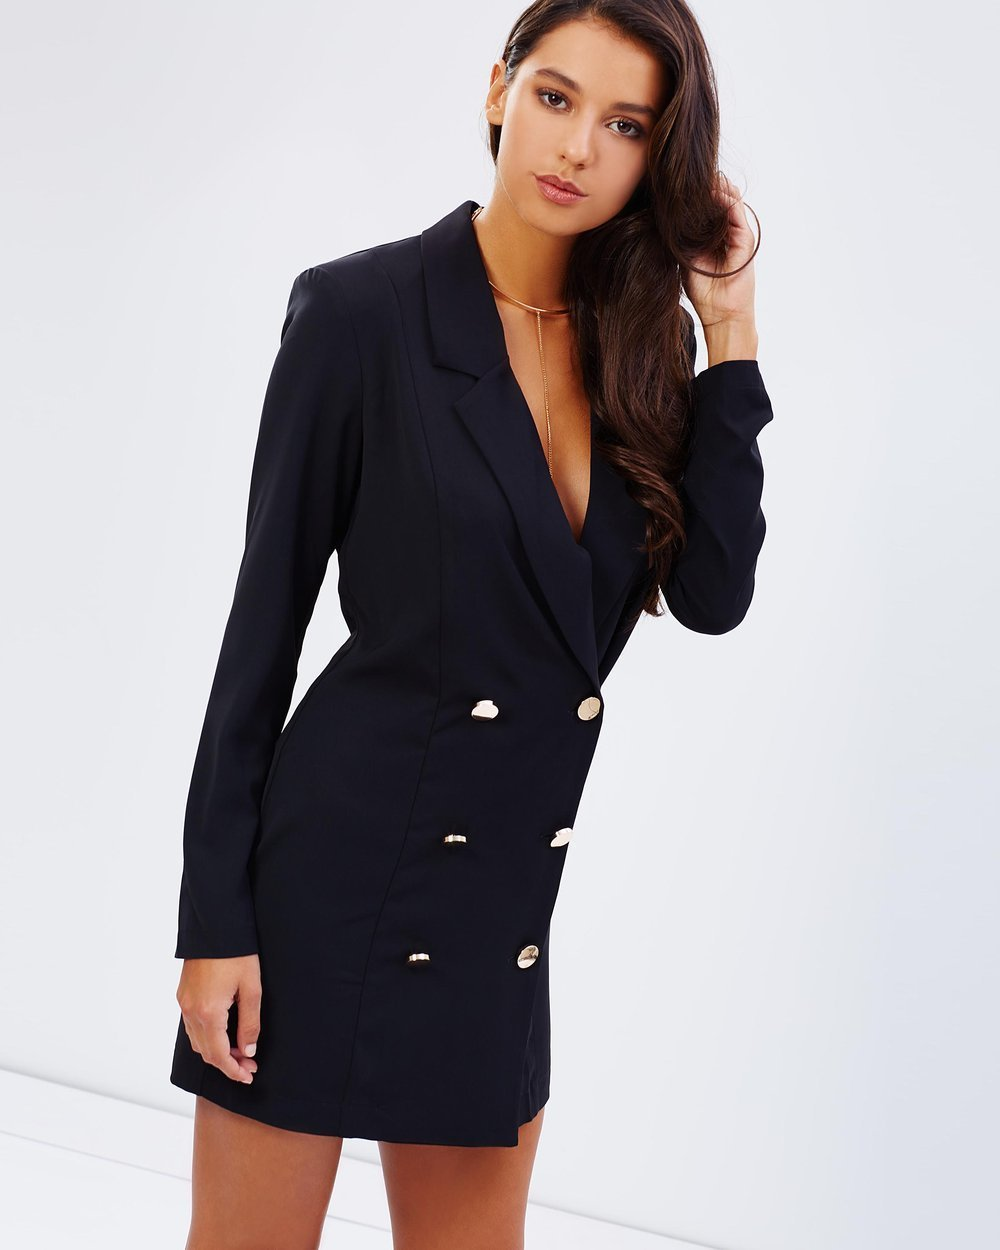 a3394b72e4f Pasduchas Size 10 Black Blazer Dress Gold Buttons